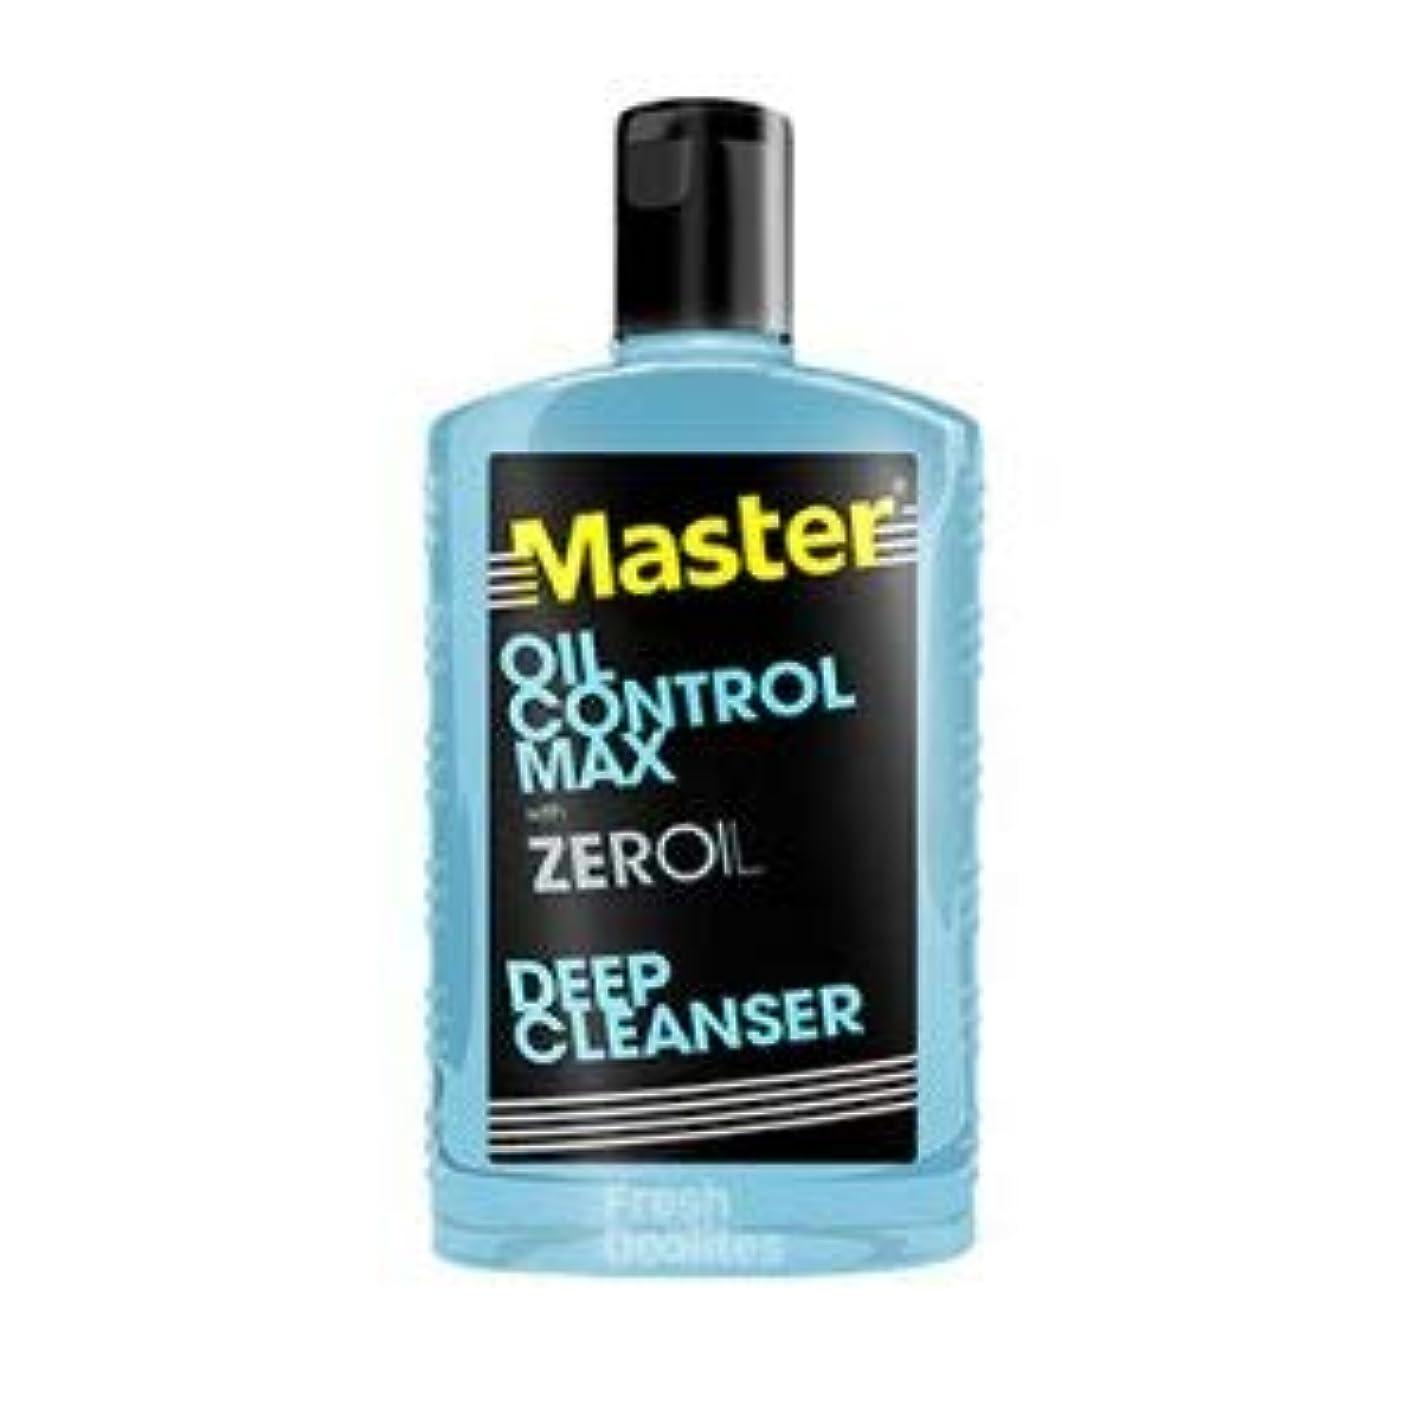 テーマ借りている有効なMaster OIL CONTROL MAX with ZEROIL 135ml【PHILIPPINES】